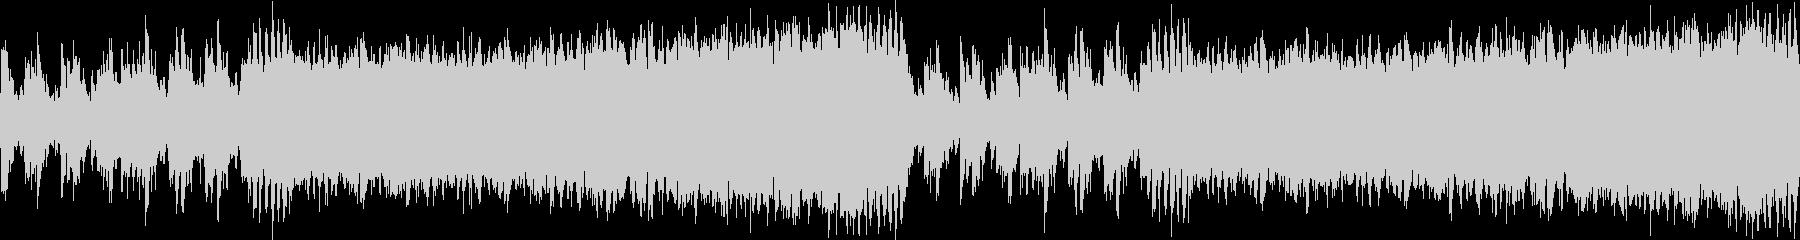 金管楽器メインのオーケストラ曲です。の未再生の波形